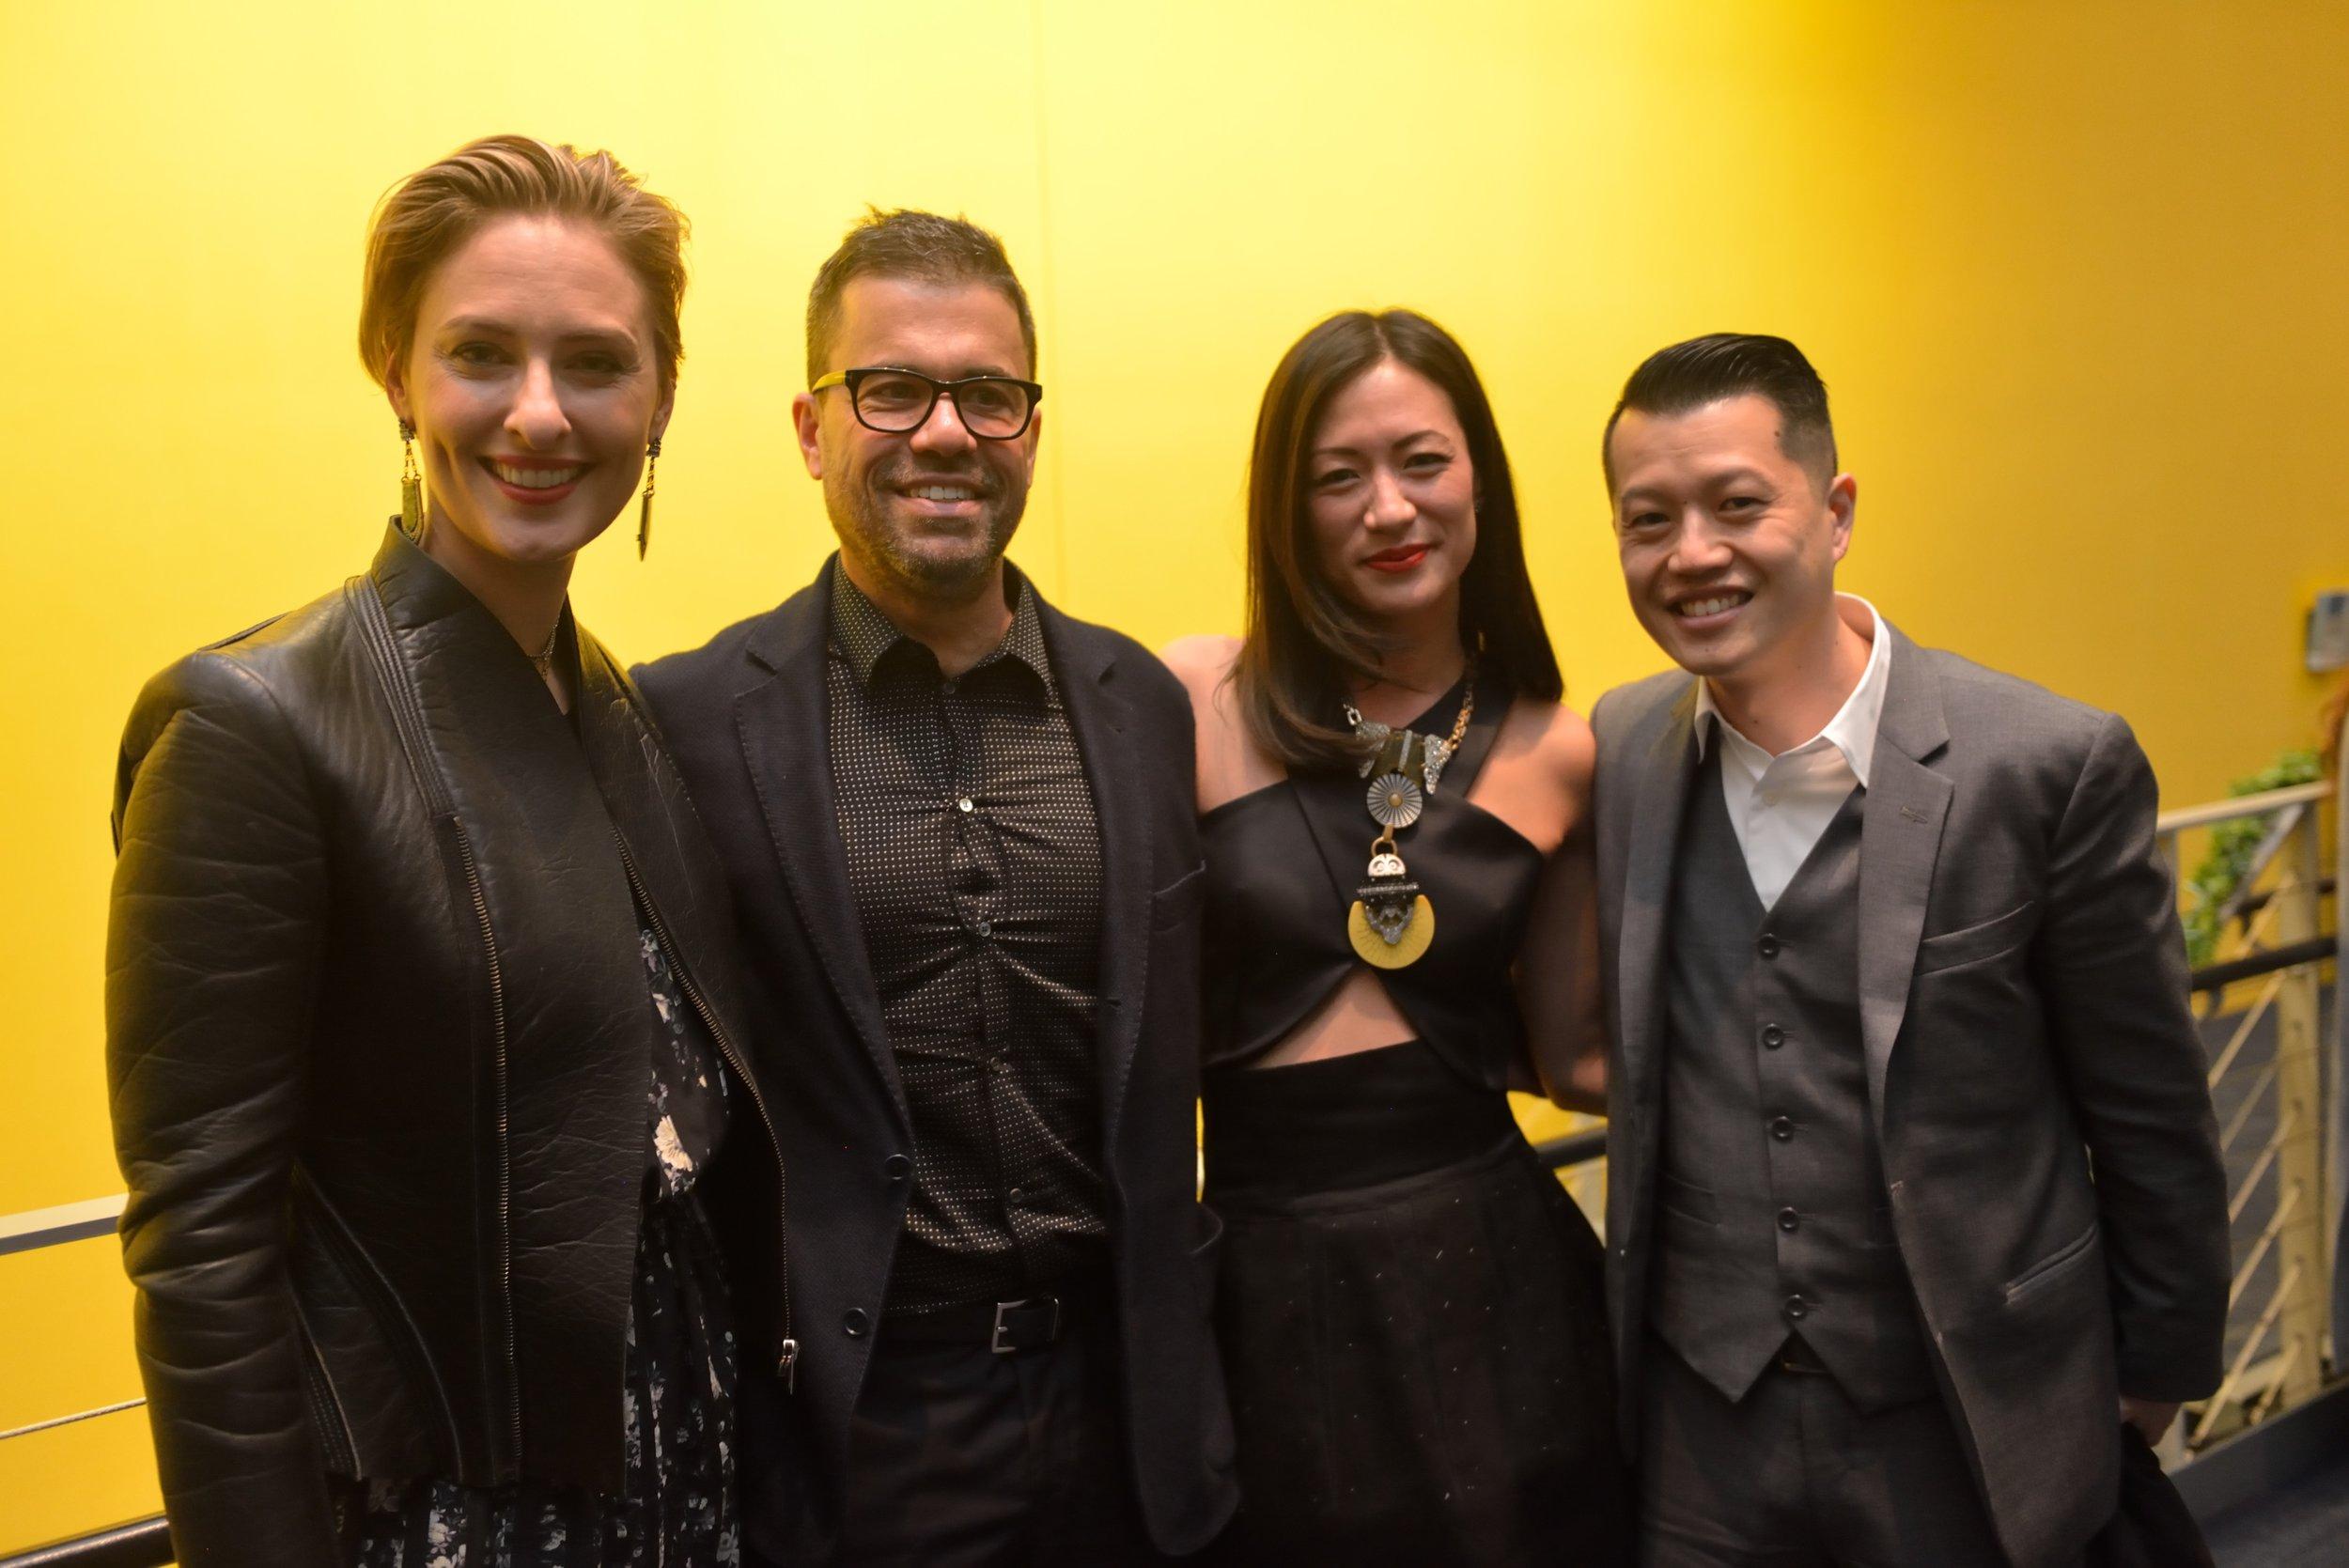 Lisa Salzer, Marco Pessoa, Lesley Hu, Francis Hsang. photo: Mike Lee